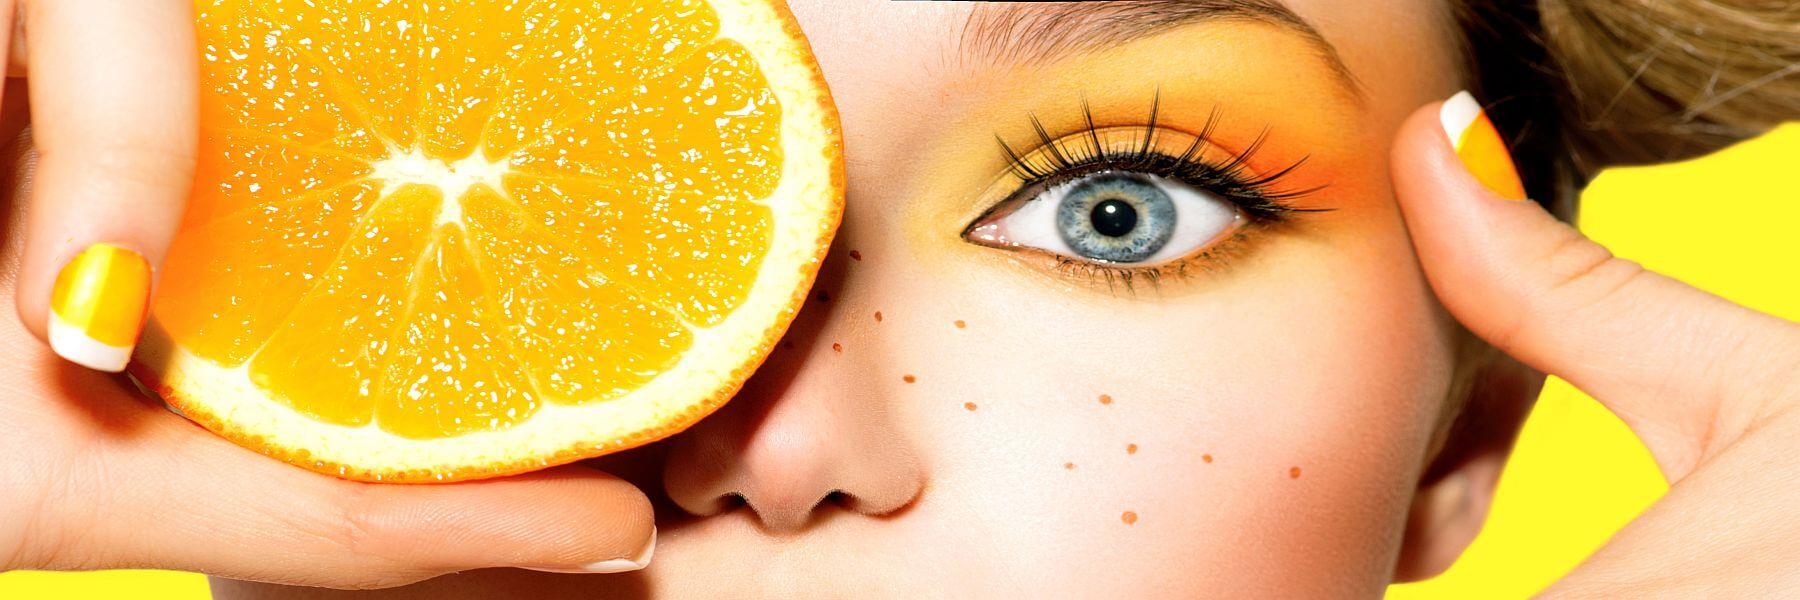 Frau mit Orange vor dem Auge. Startseite Agentur all about event. Frische Ideen.